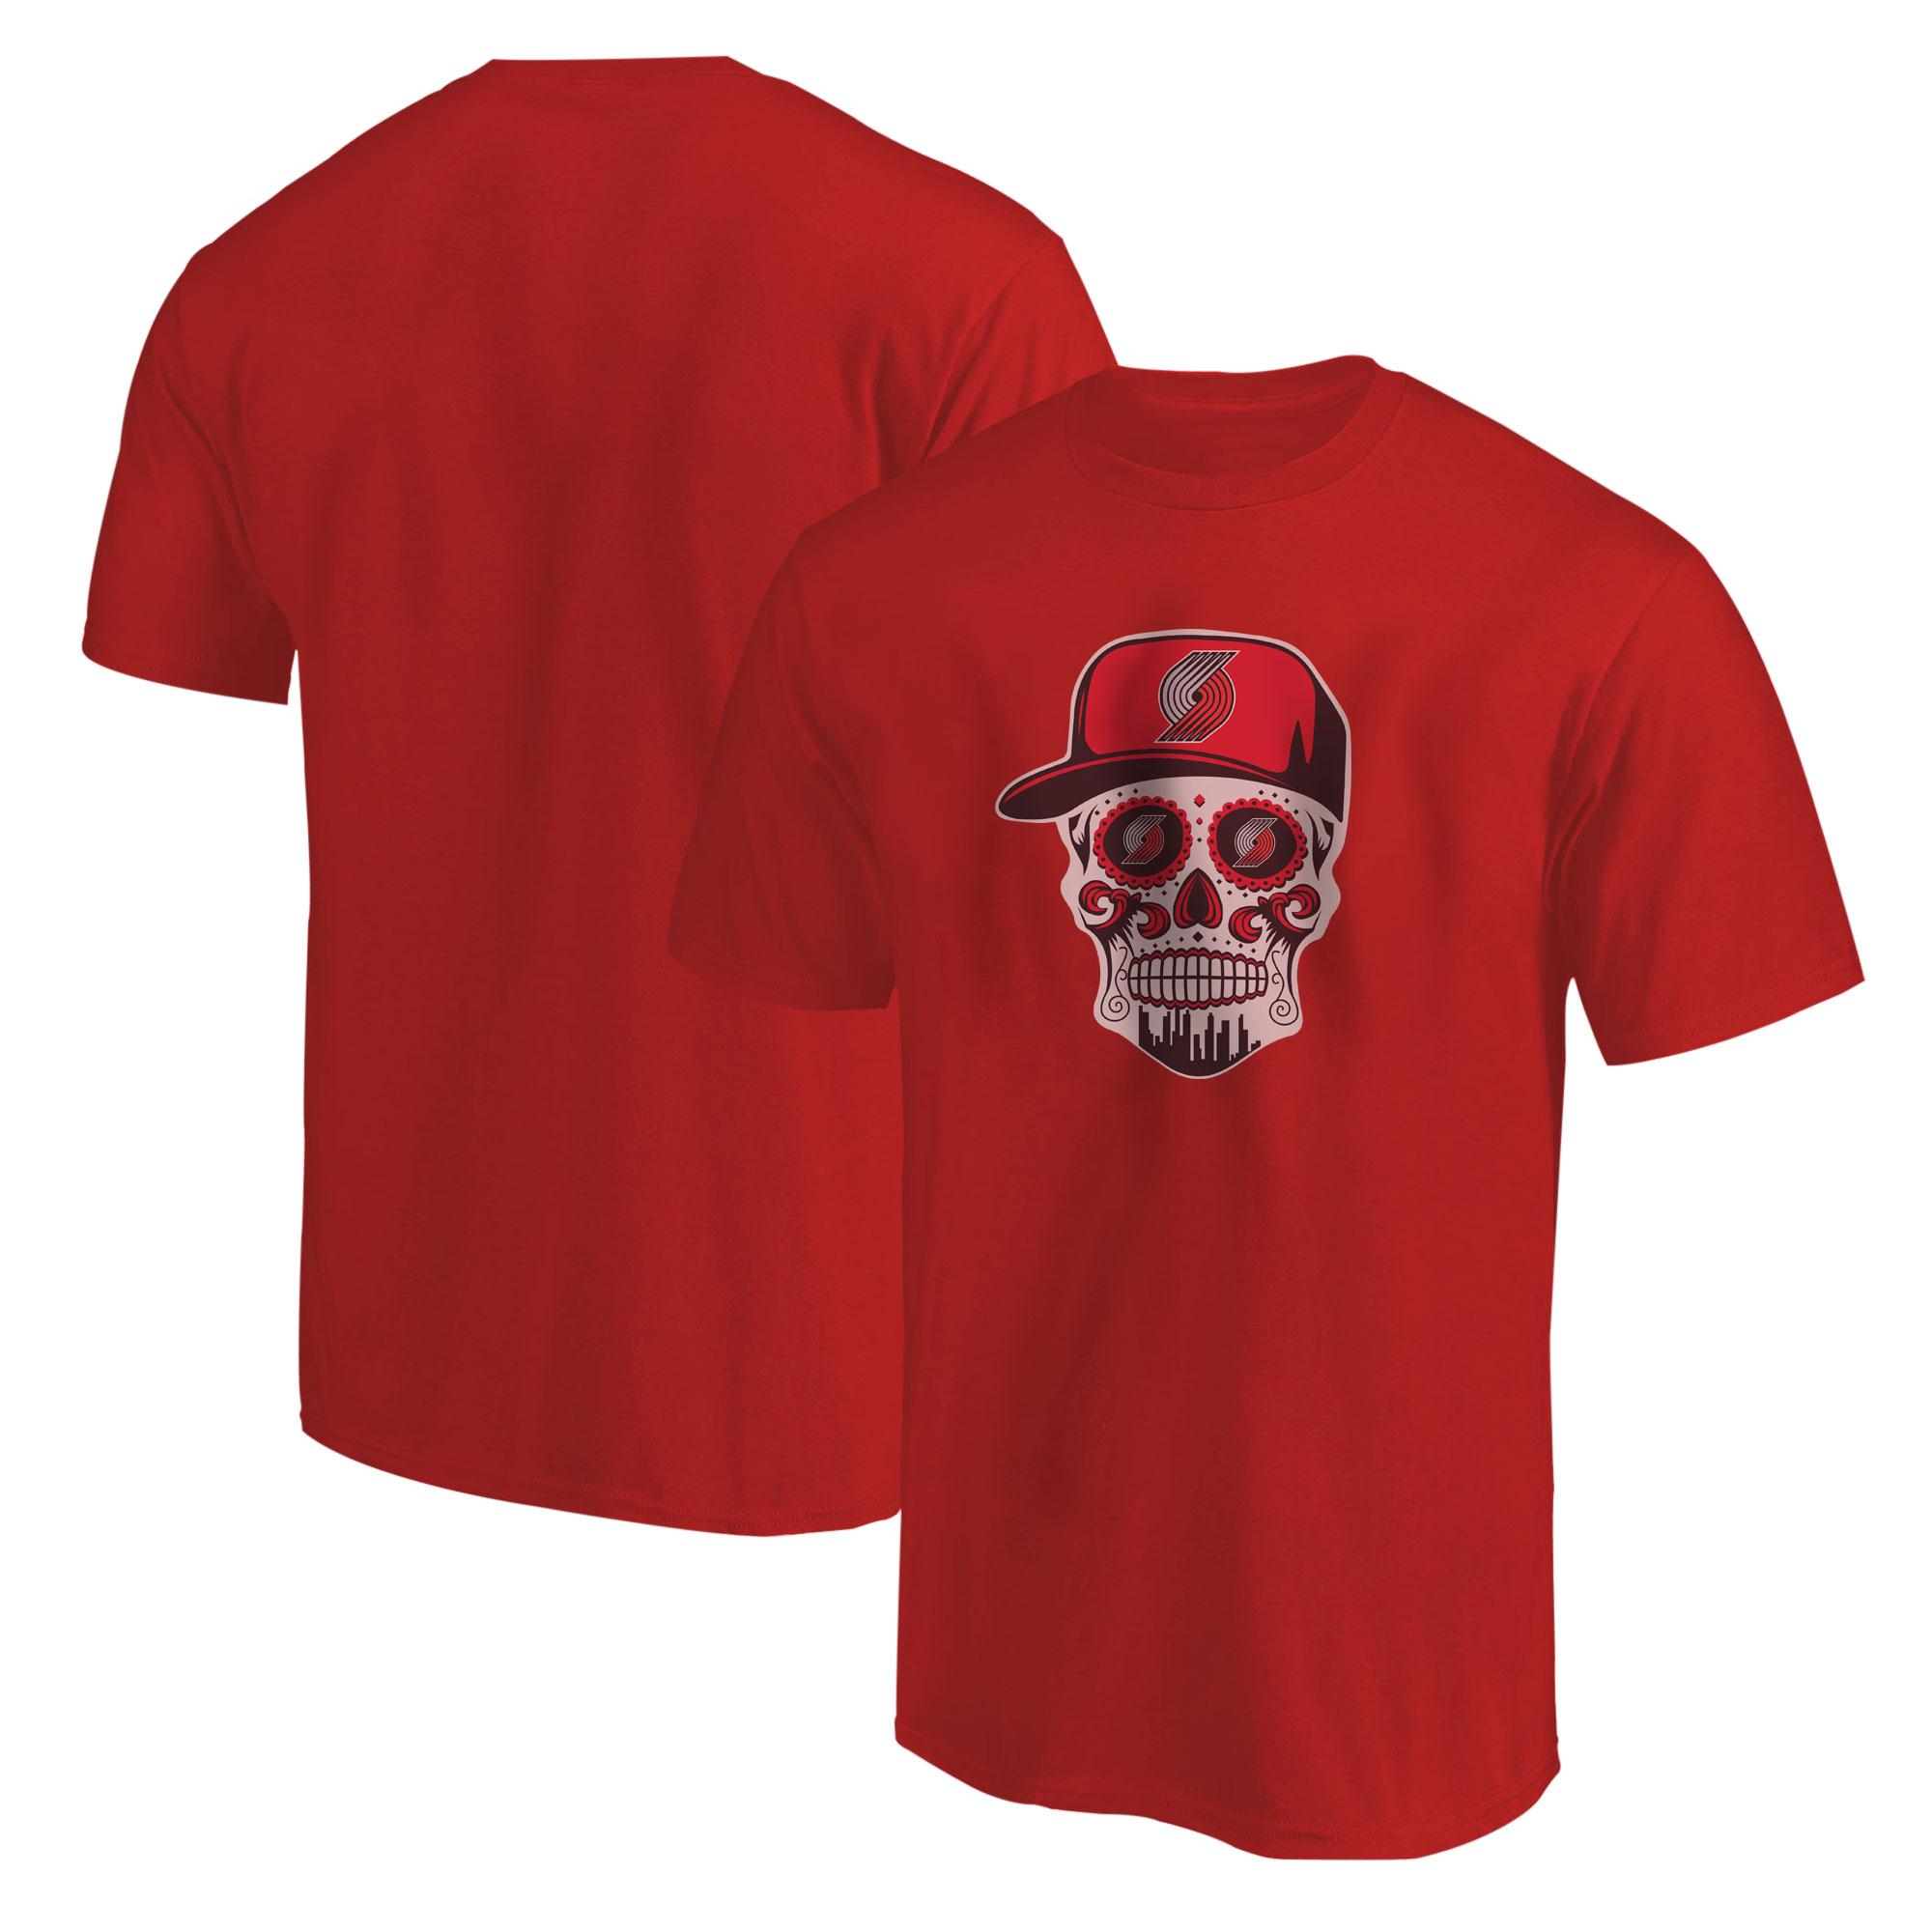 Portland Skull Tshirt (TSH-RED-NP-462-NBA-POR-SKULL)